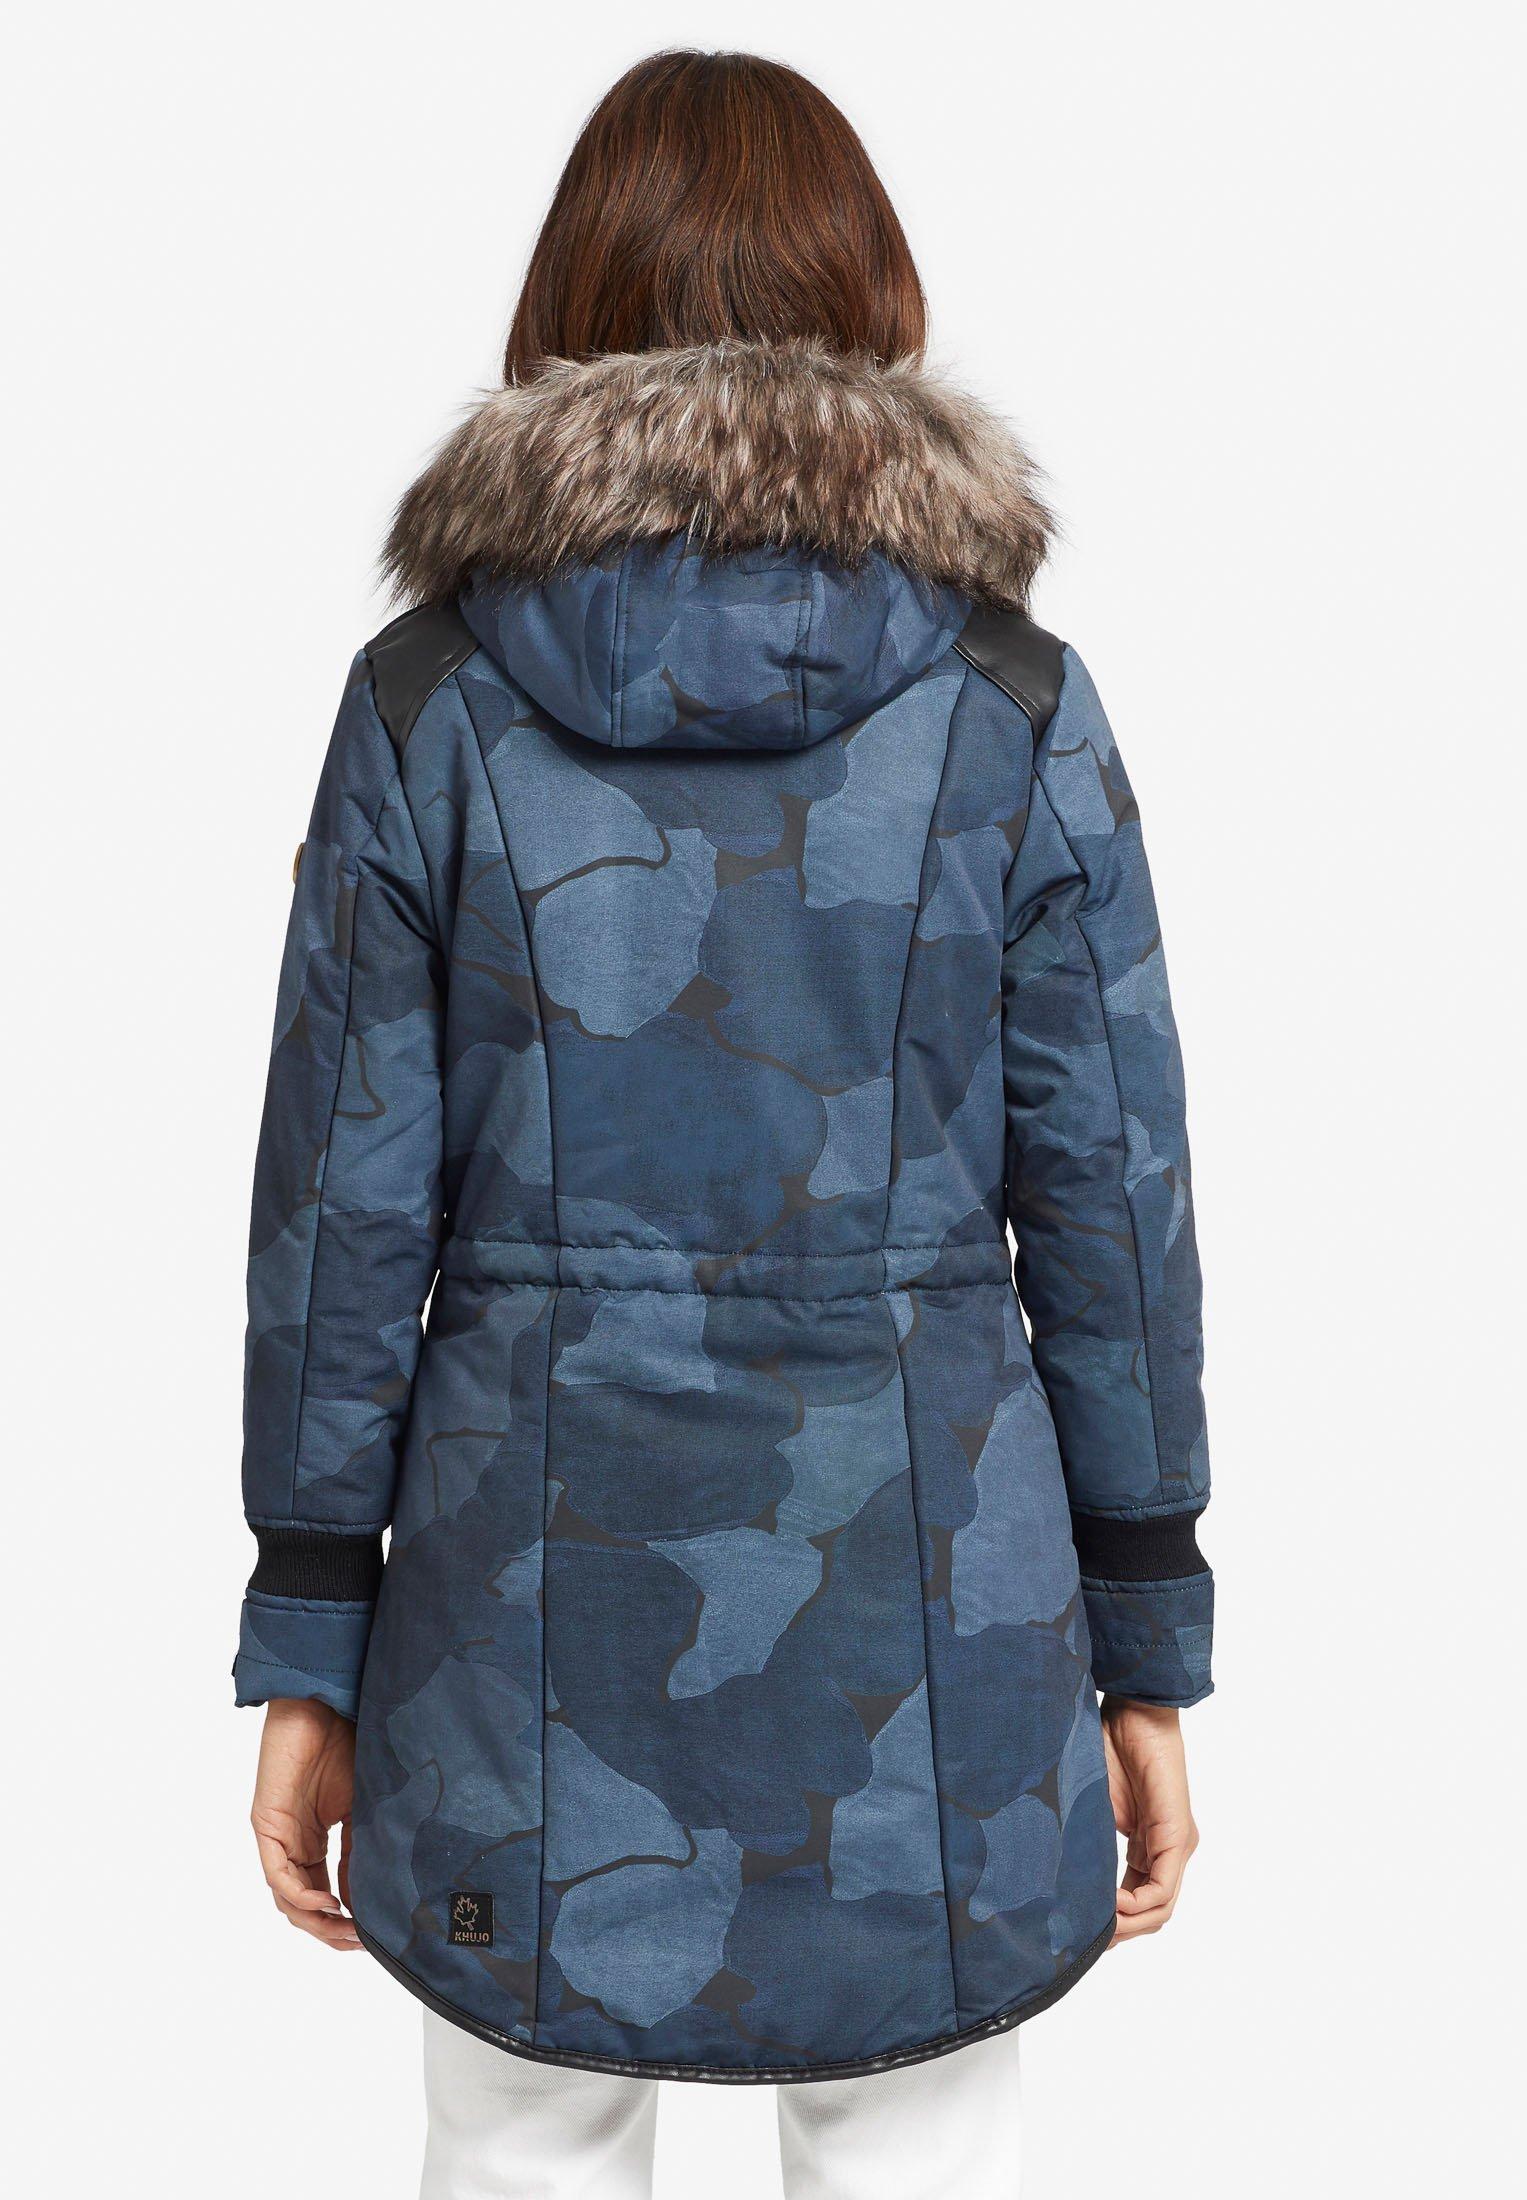 MICHAEL MICHAEL KORS Mantel Damen Jacke Parka Gr. XS blau